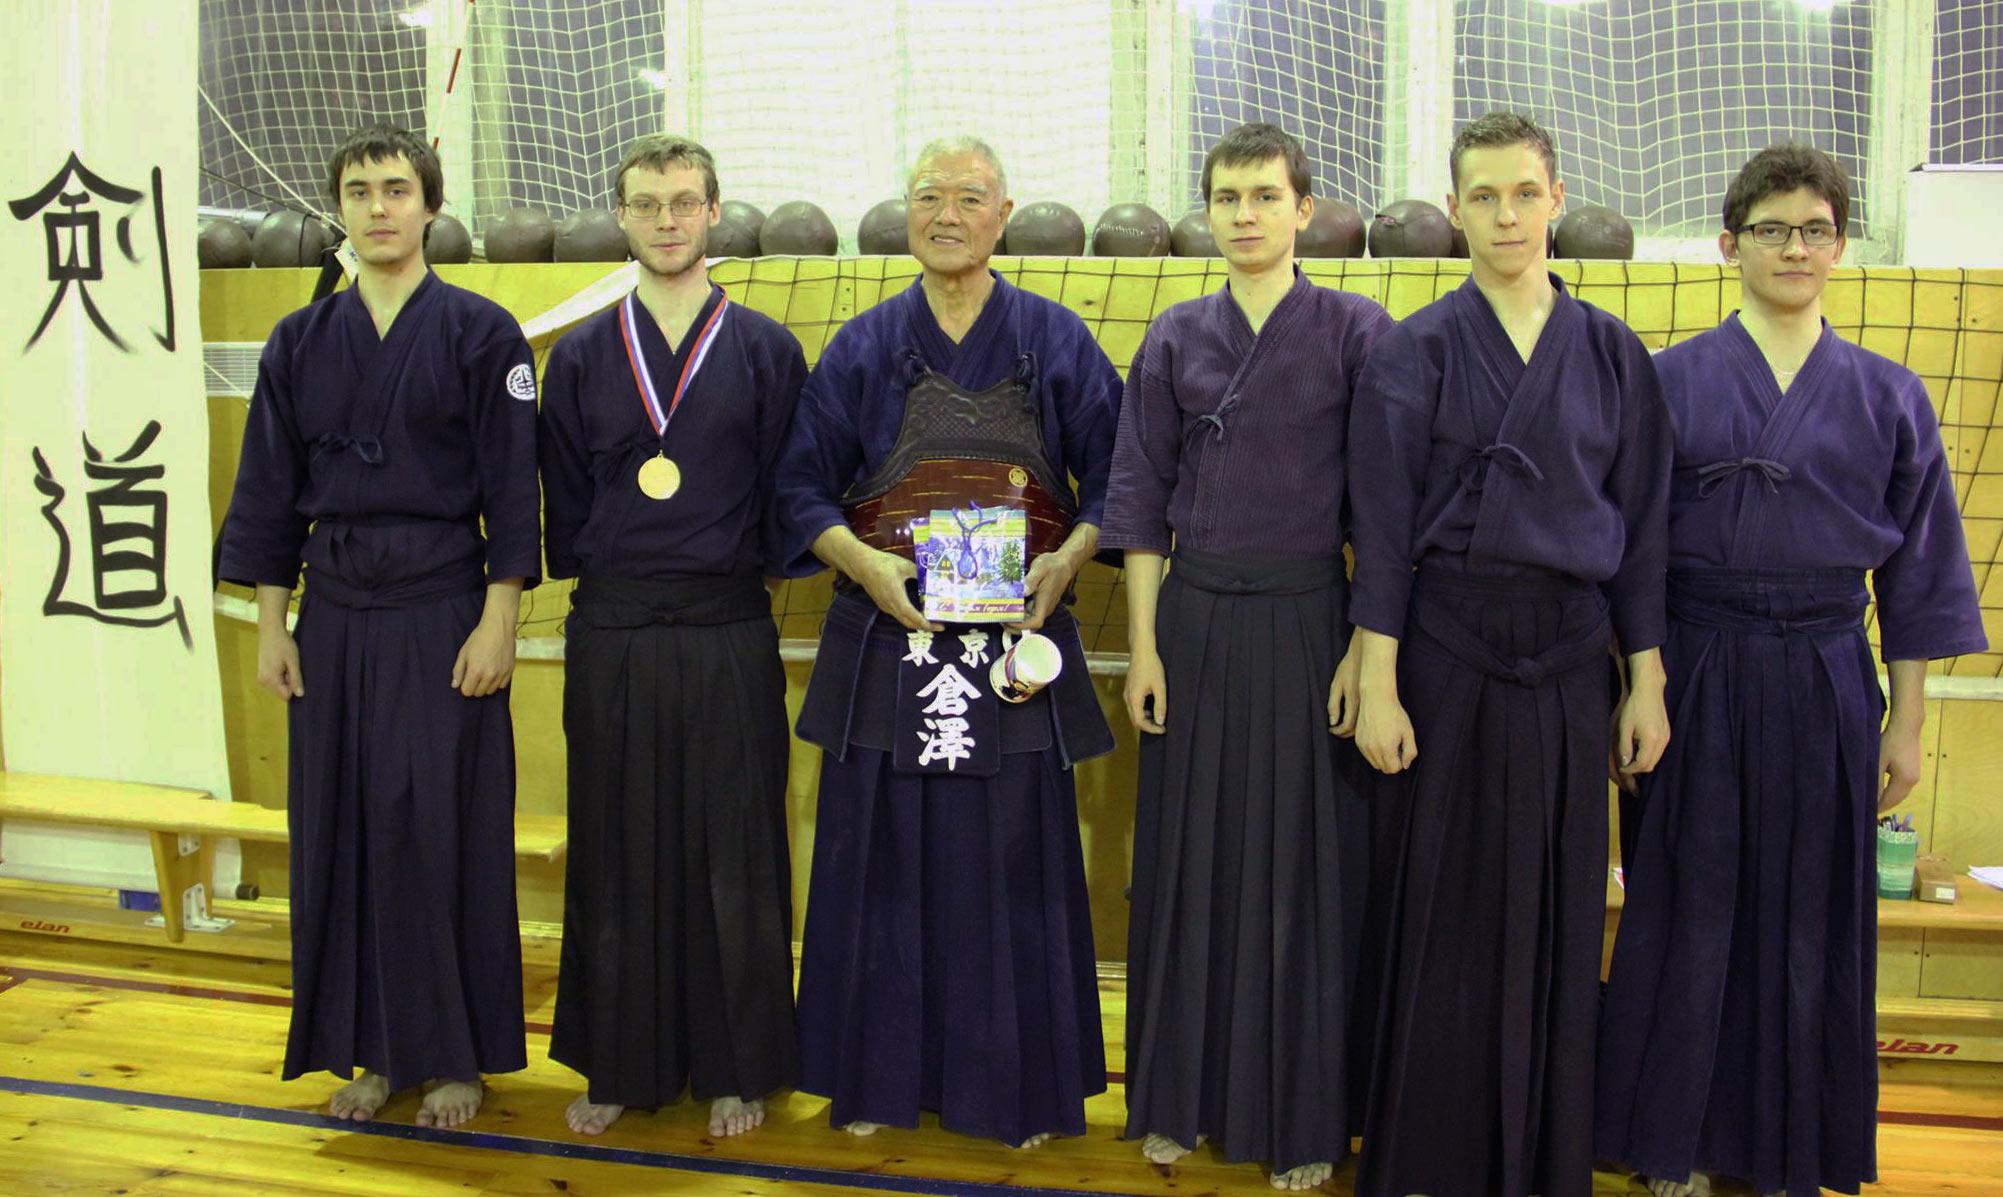 Поздравляем победителей и призёров 3-го Открытого Турнира по Кендо на Кубок «Российско-Японской Дружбы»